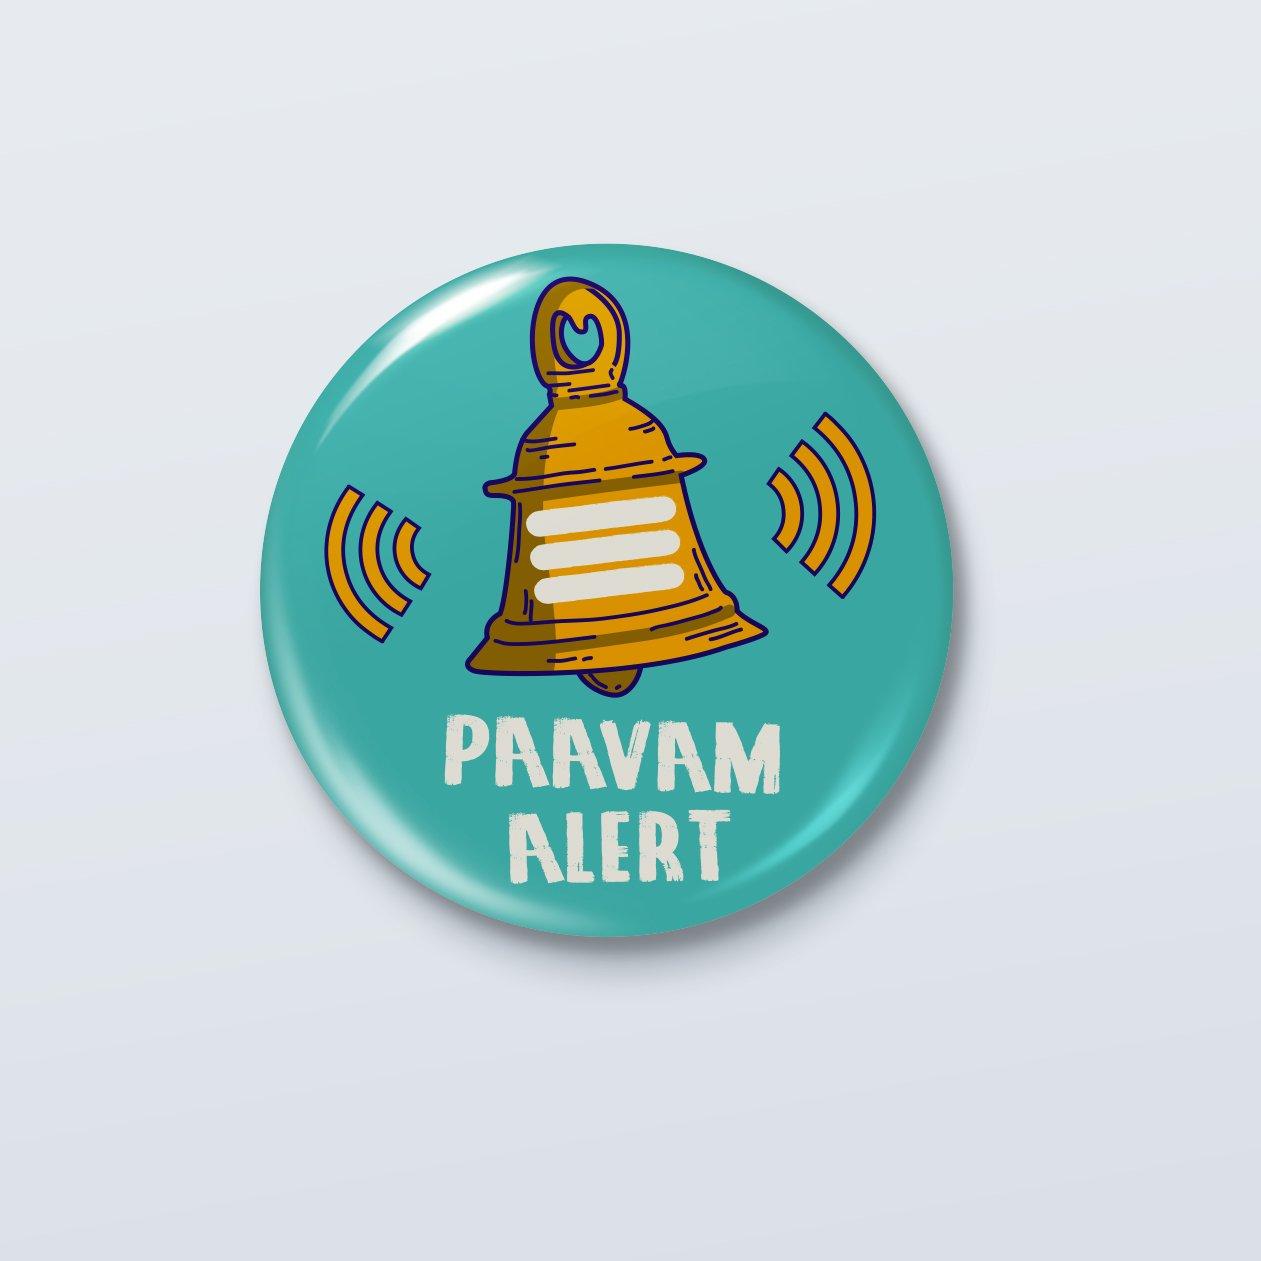 Paacam Alert Badge- ₹49